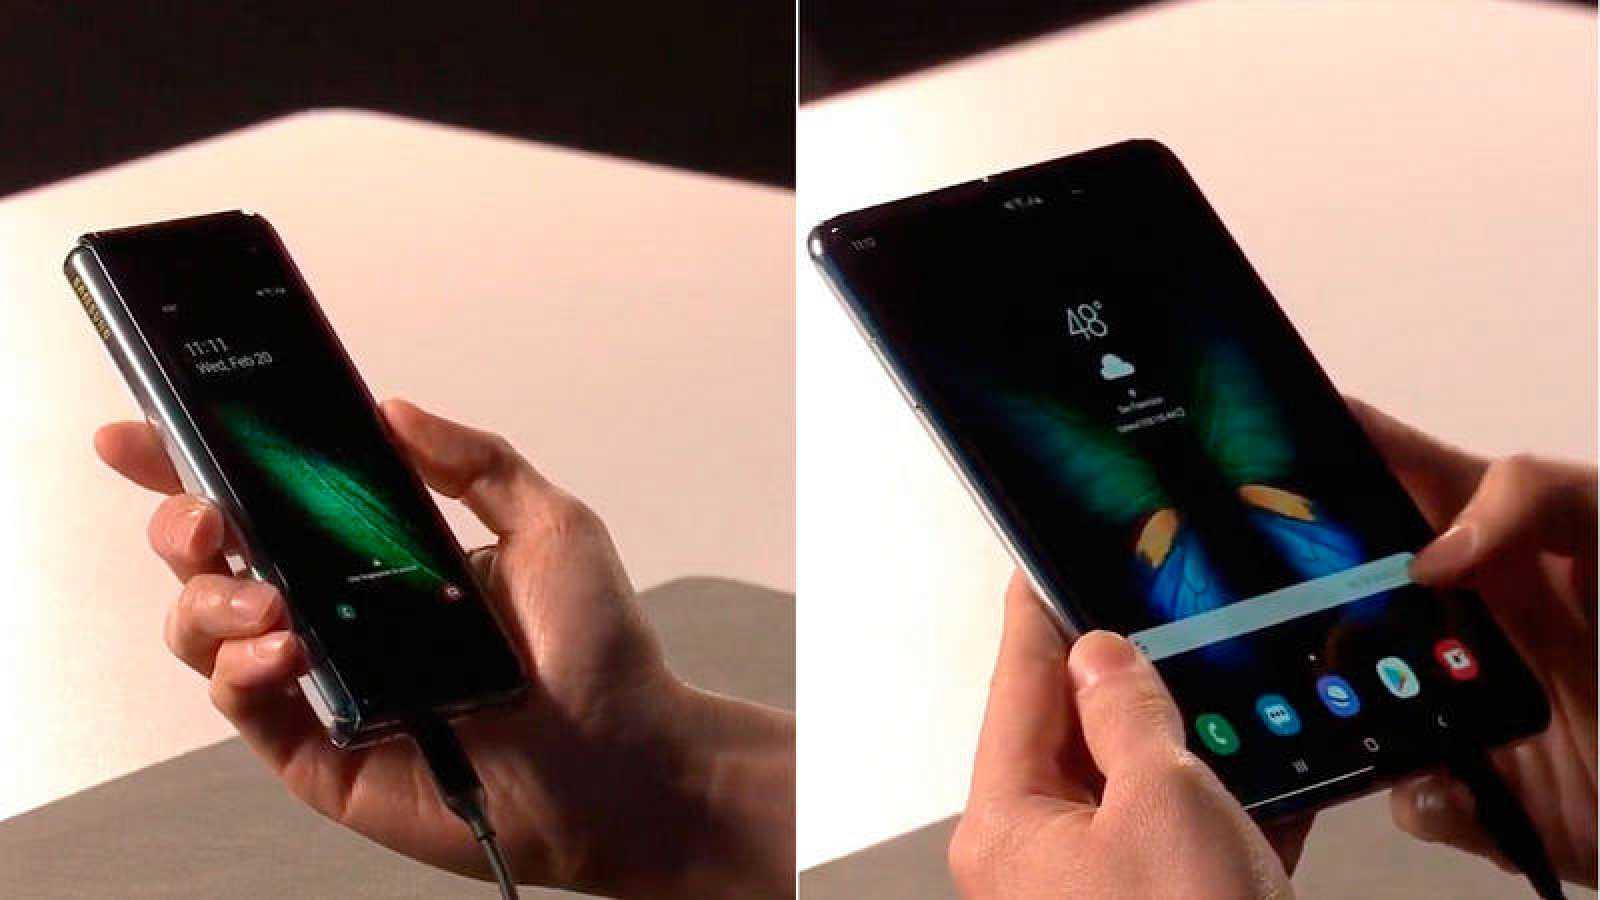 El Galaxy Fold plegado, a la izquierda, y desplegado, a la derecha.